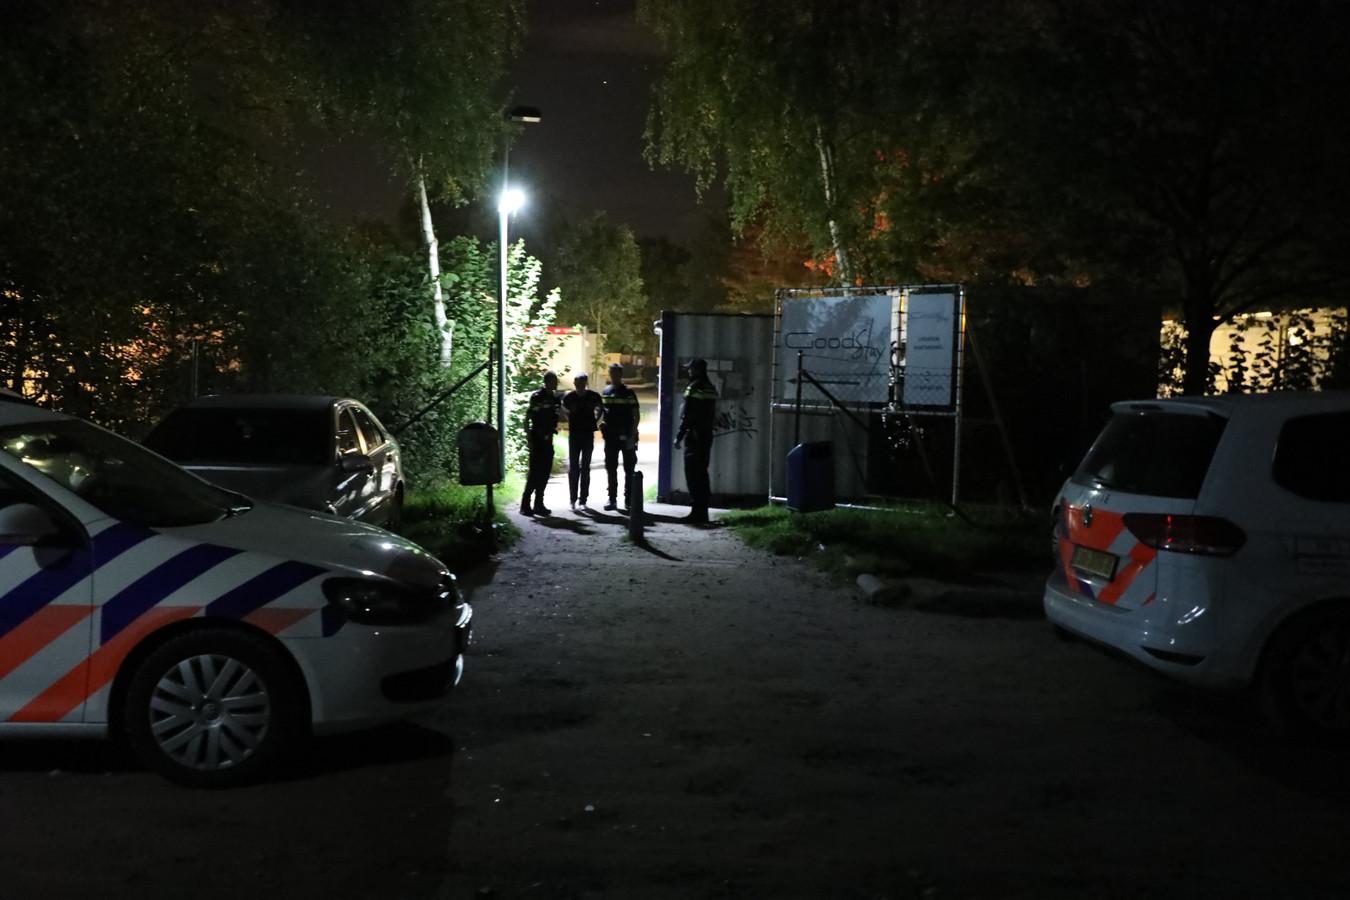 De politie was met vijf auto's ter plekke.